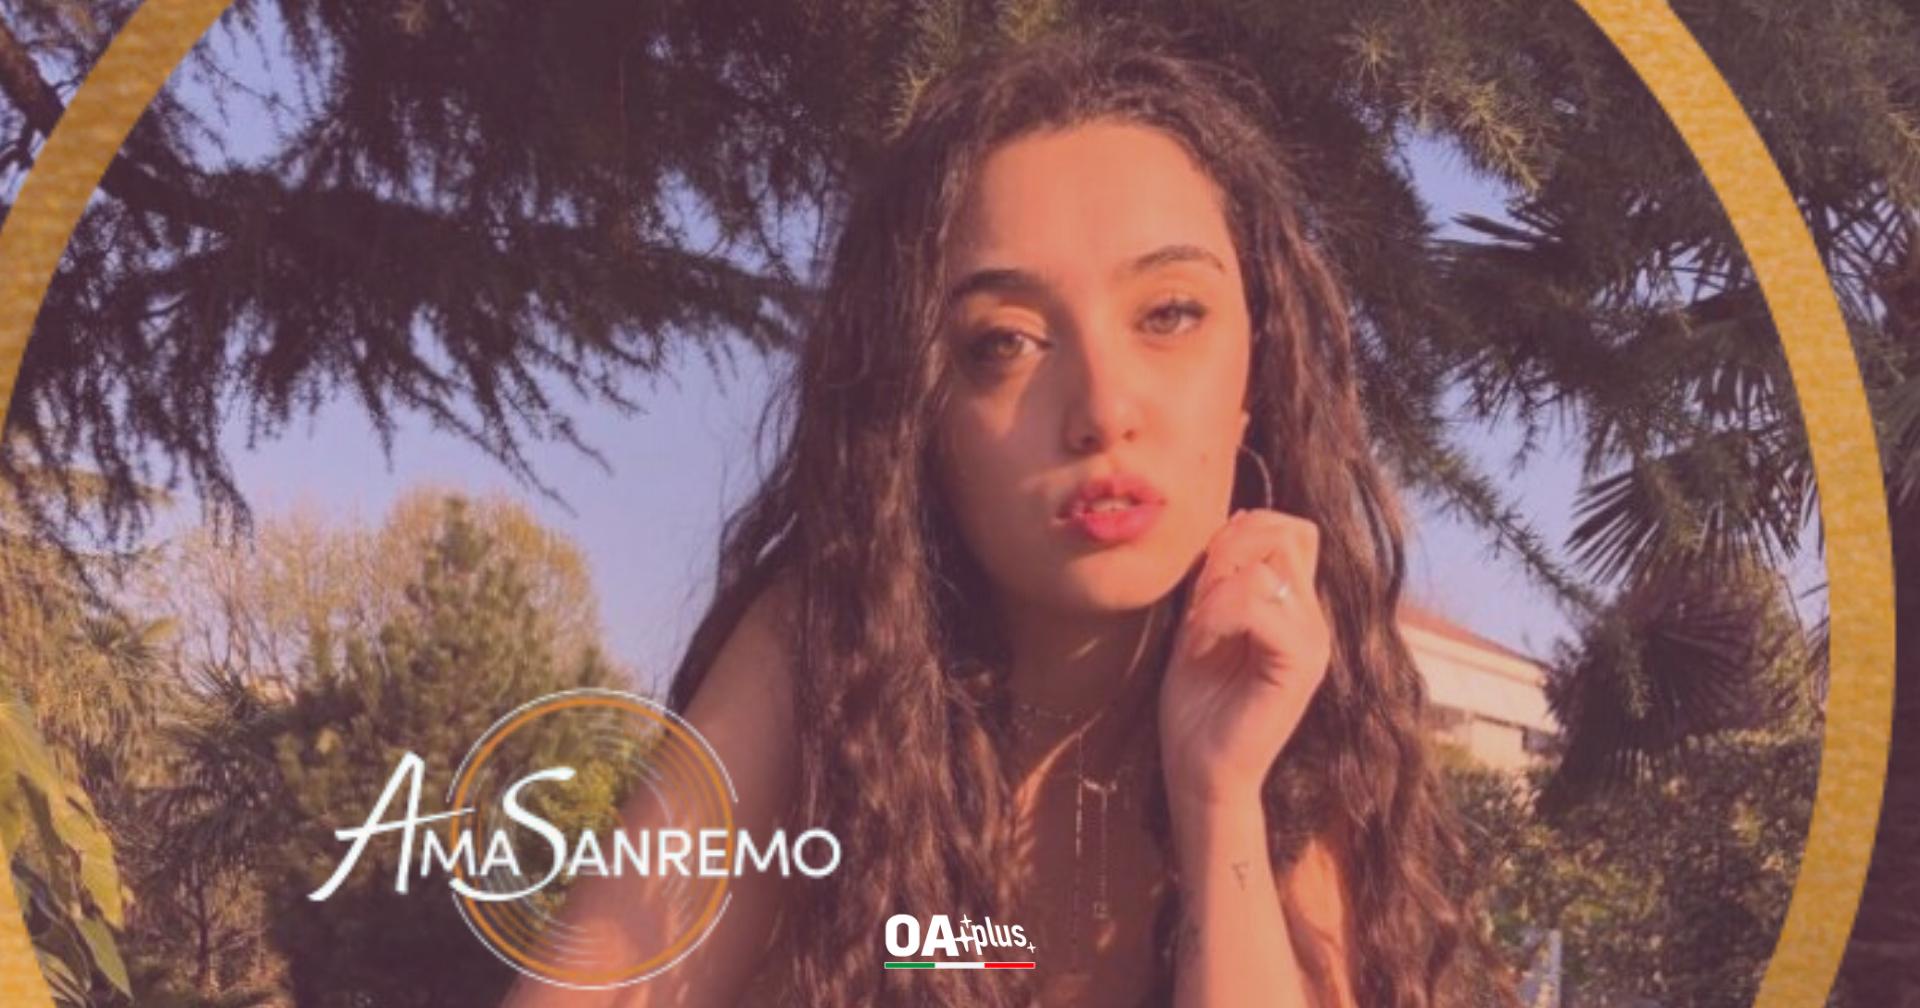 """AmaSanremo: Sissi con """"Per farti paura"""" tenta di arrivare a Sanremo 2021"""